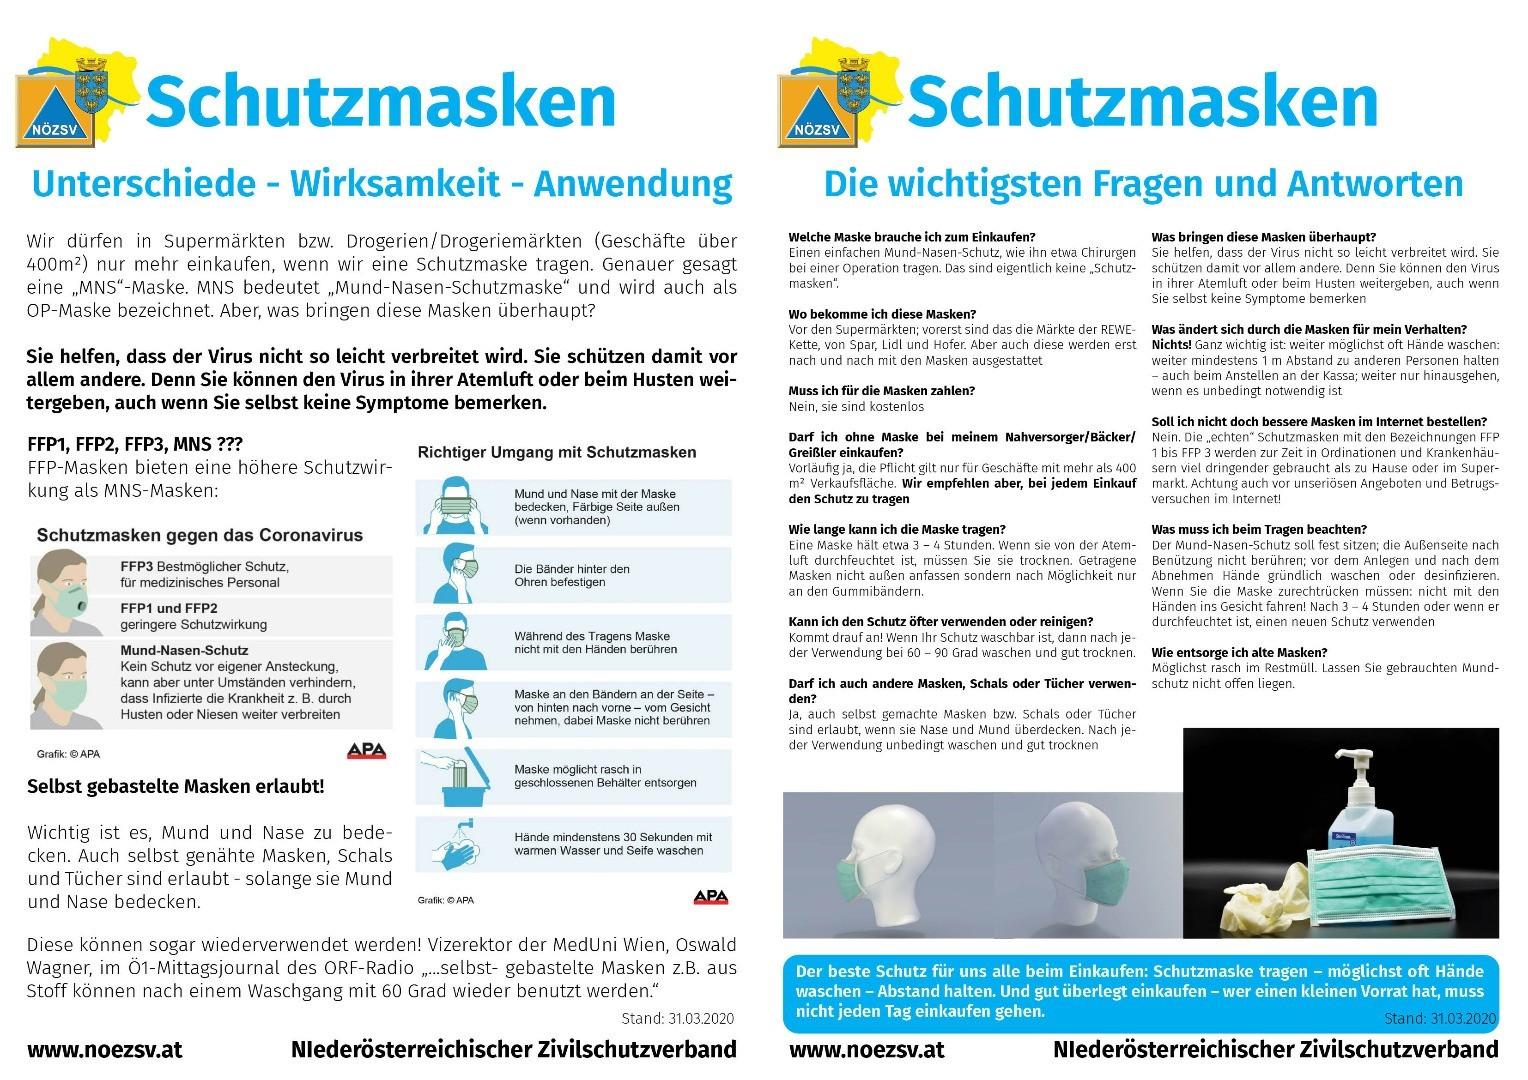 1585807460-schutzmasken-einseitig-jpg.jpeg